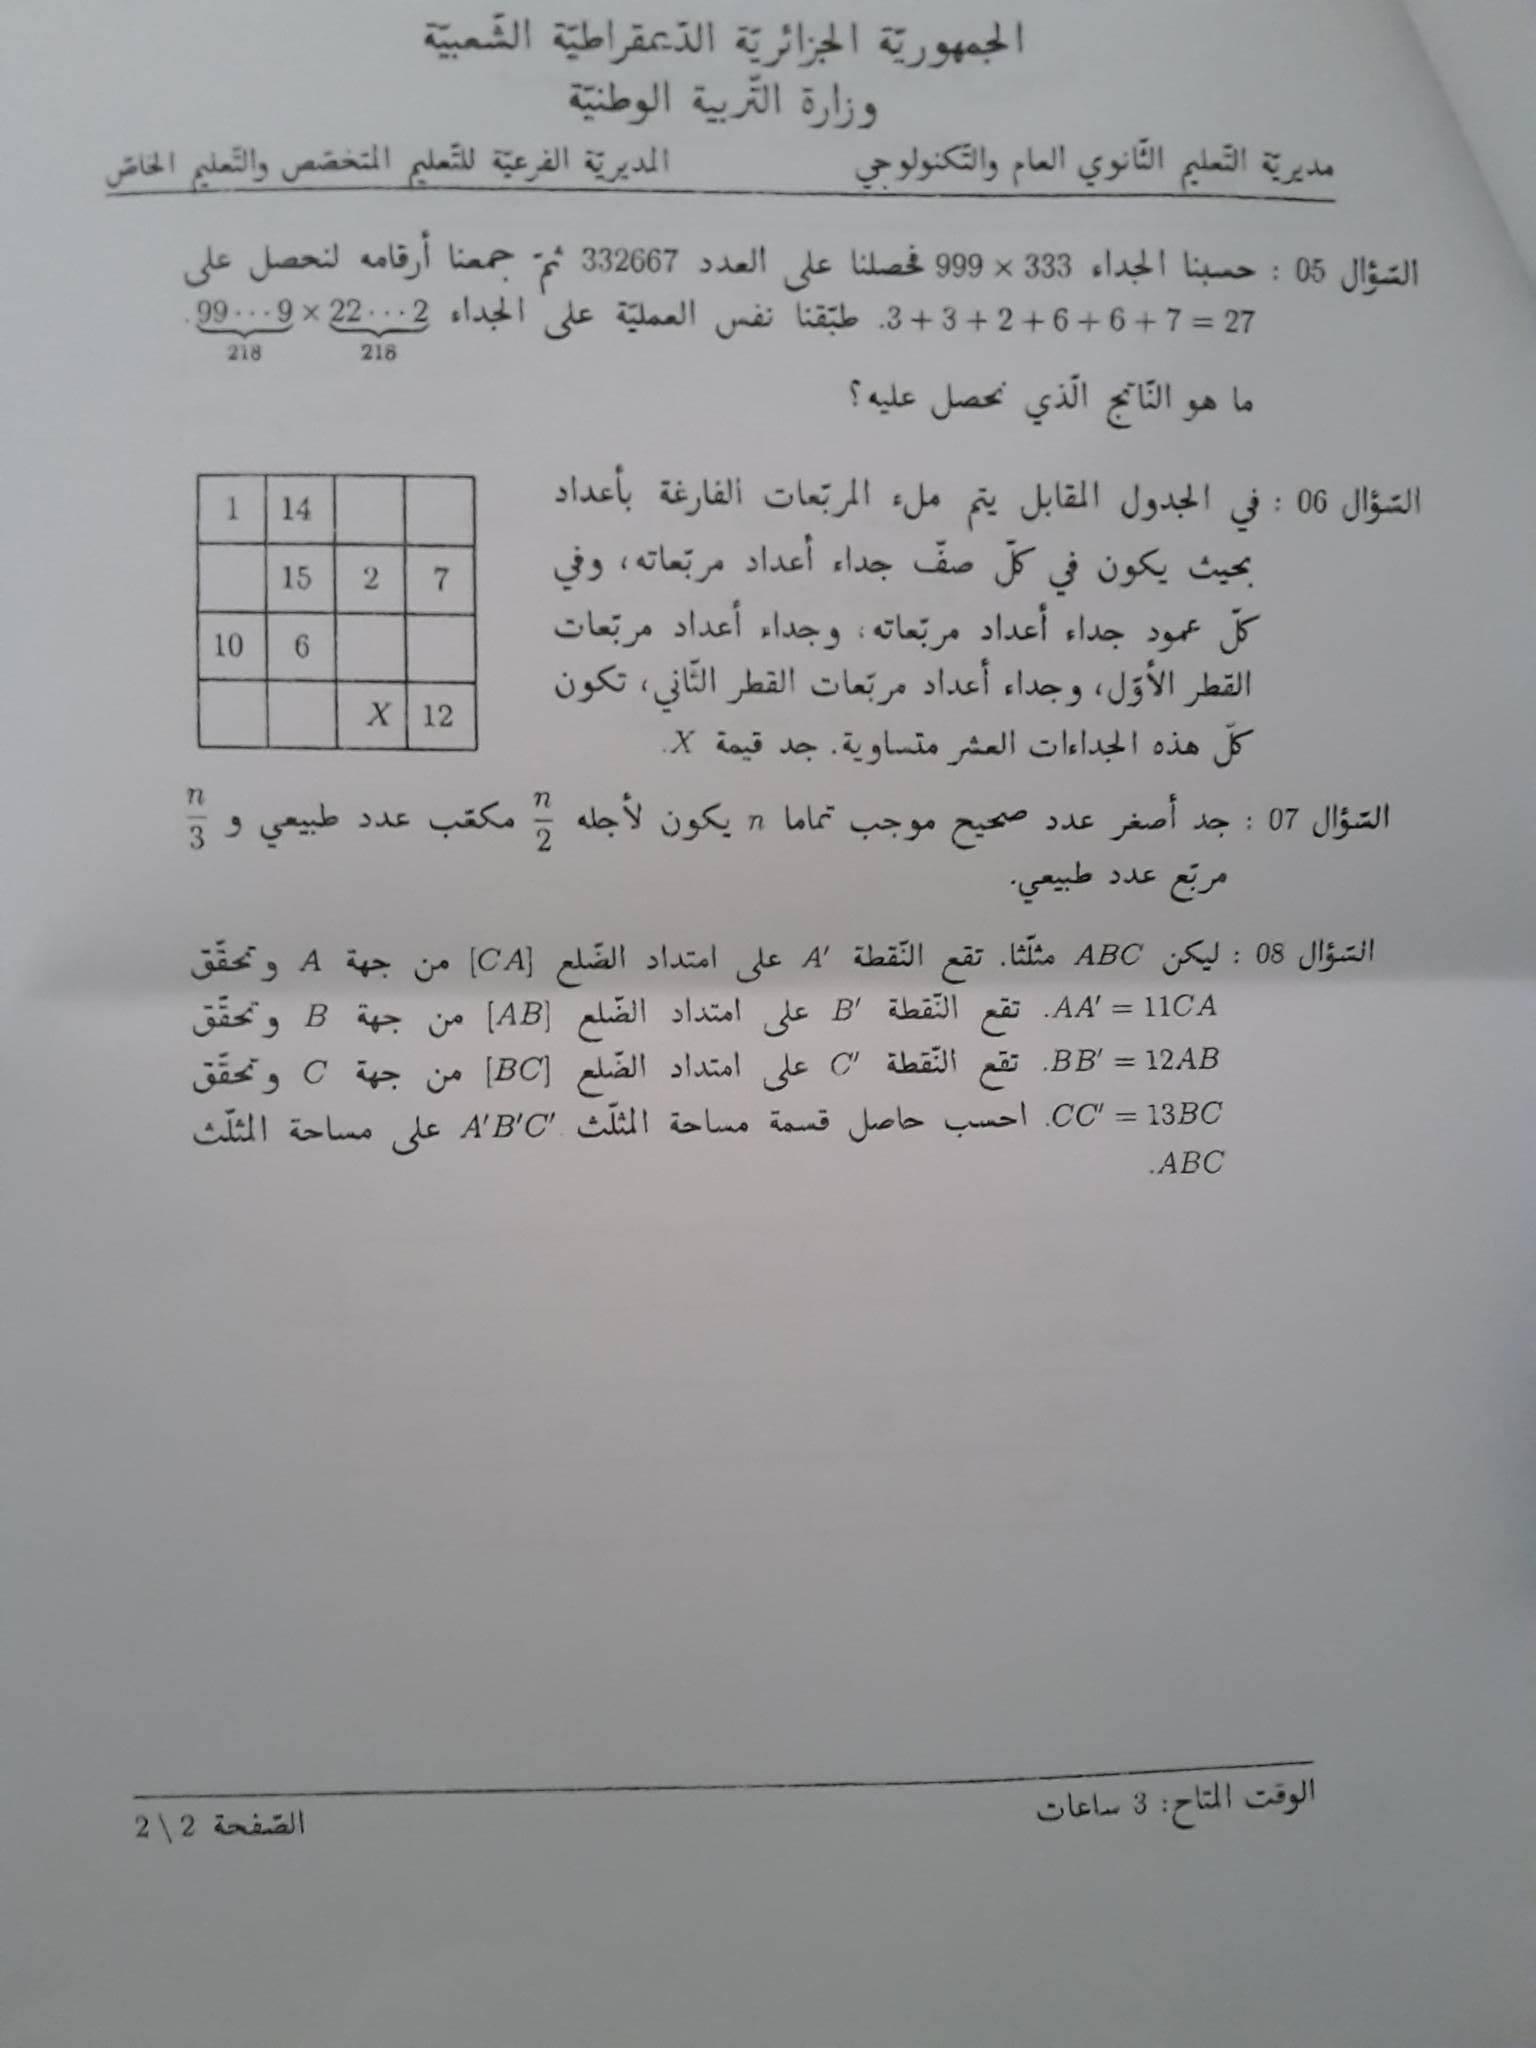 موضوع امتحان أولمبياد الرياضيات - الجزائر - المستوى الثانوي - 1 ثانوي - 2 ثانوي - السنة الاولى ثانوي - السنة الثانية ثانوي 2017 18596410